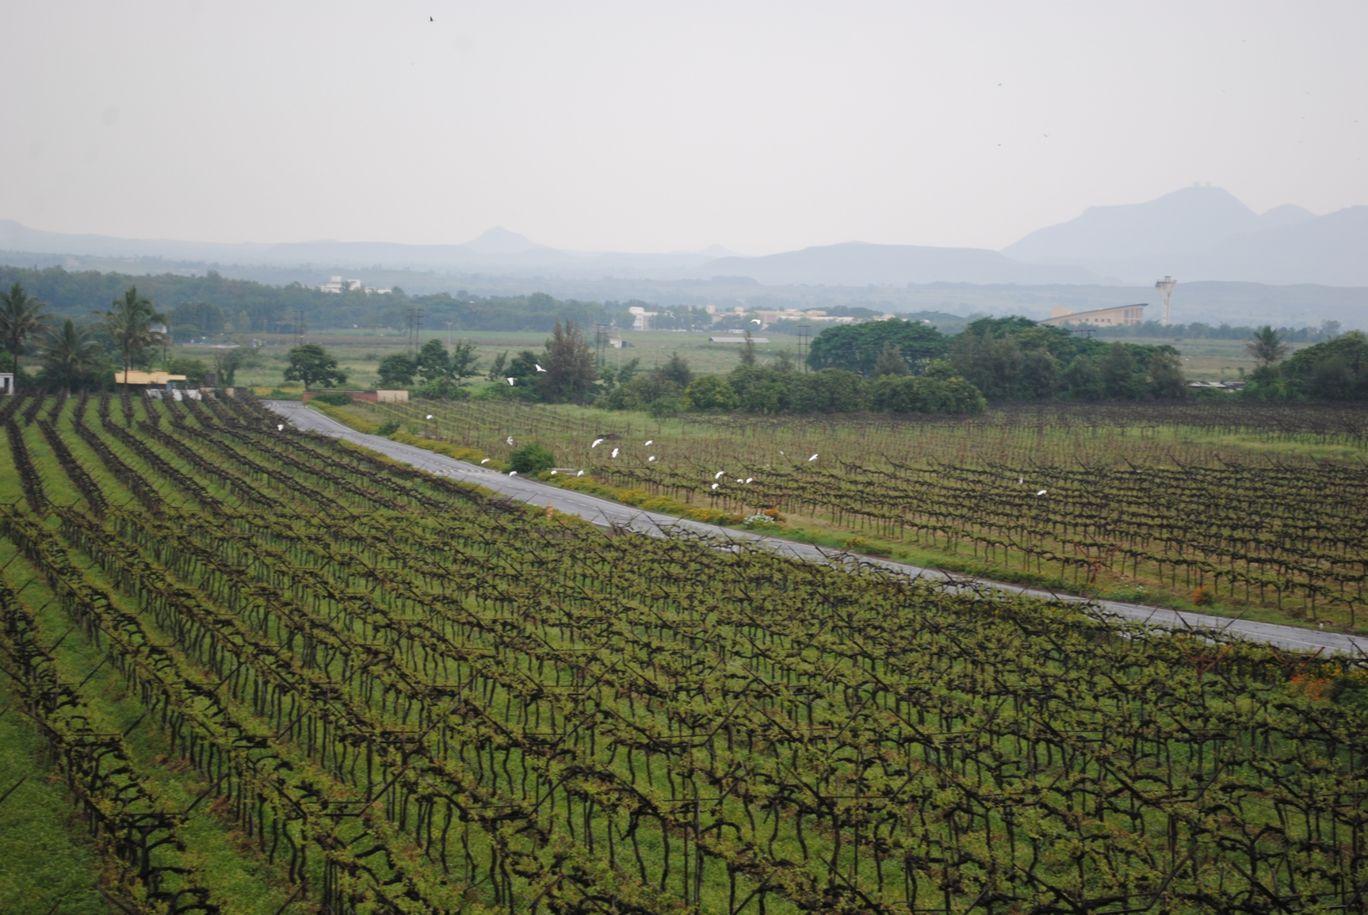 Photo of Sula Vineyards By Gypsytipsytoes